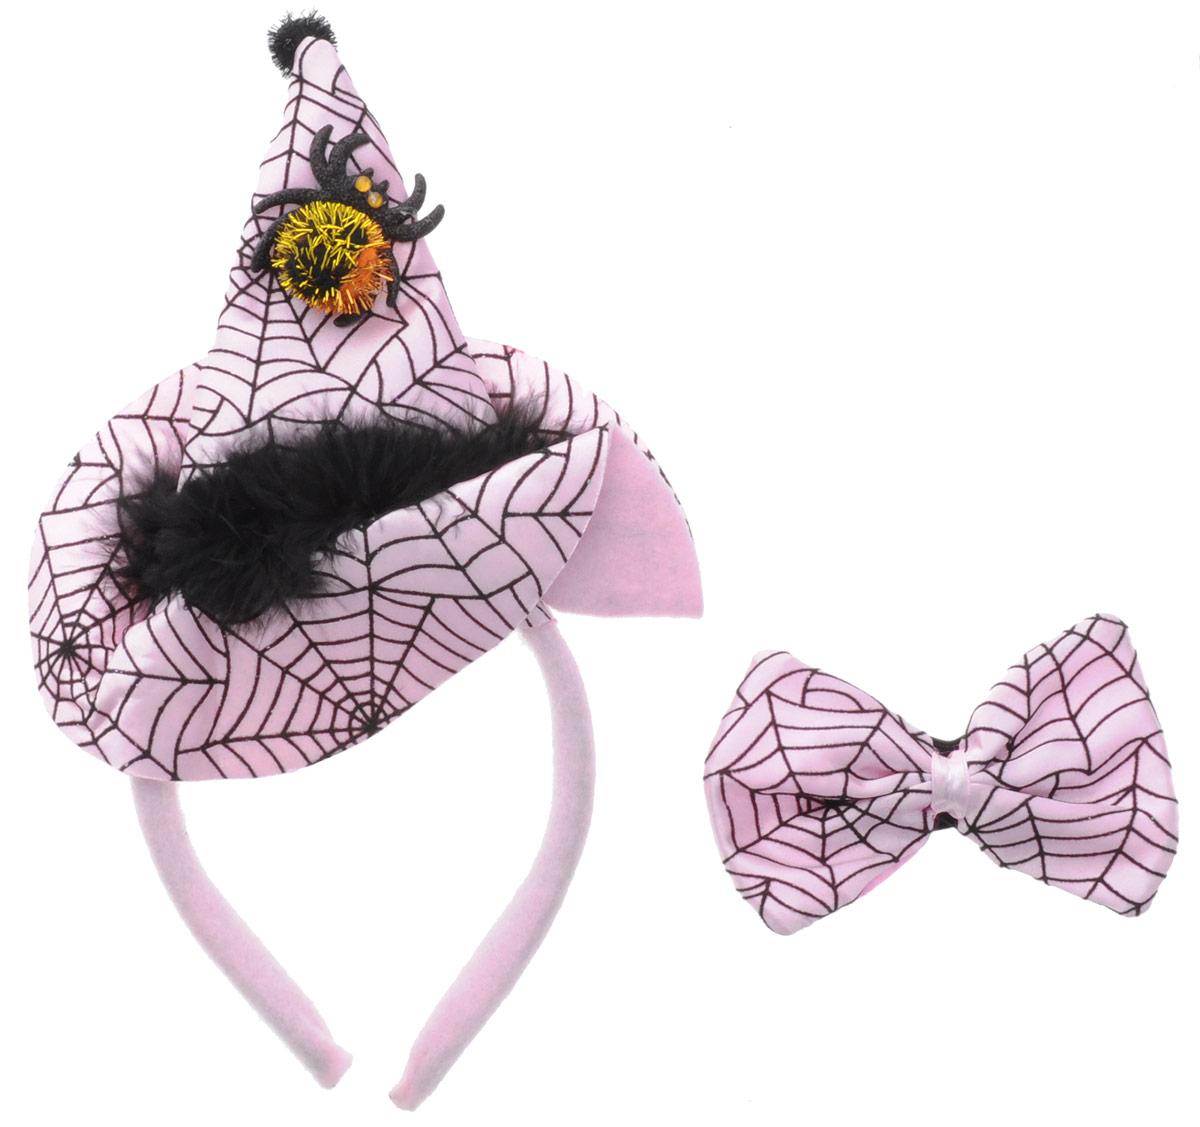 Partymania Ободок Шляпа Ведьмочки с бабочкой цвет розовый черный -  Аксессуры для карнавальных костюмов